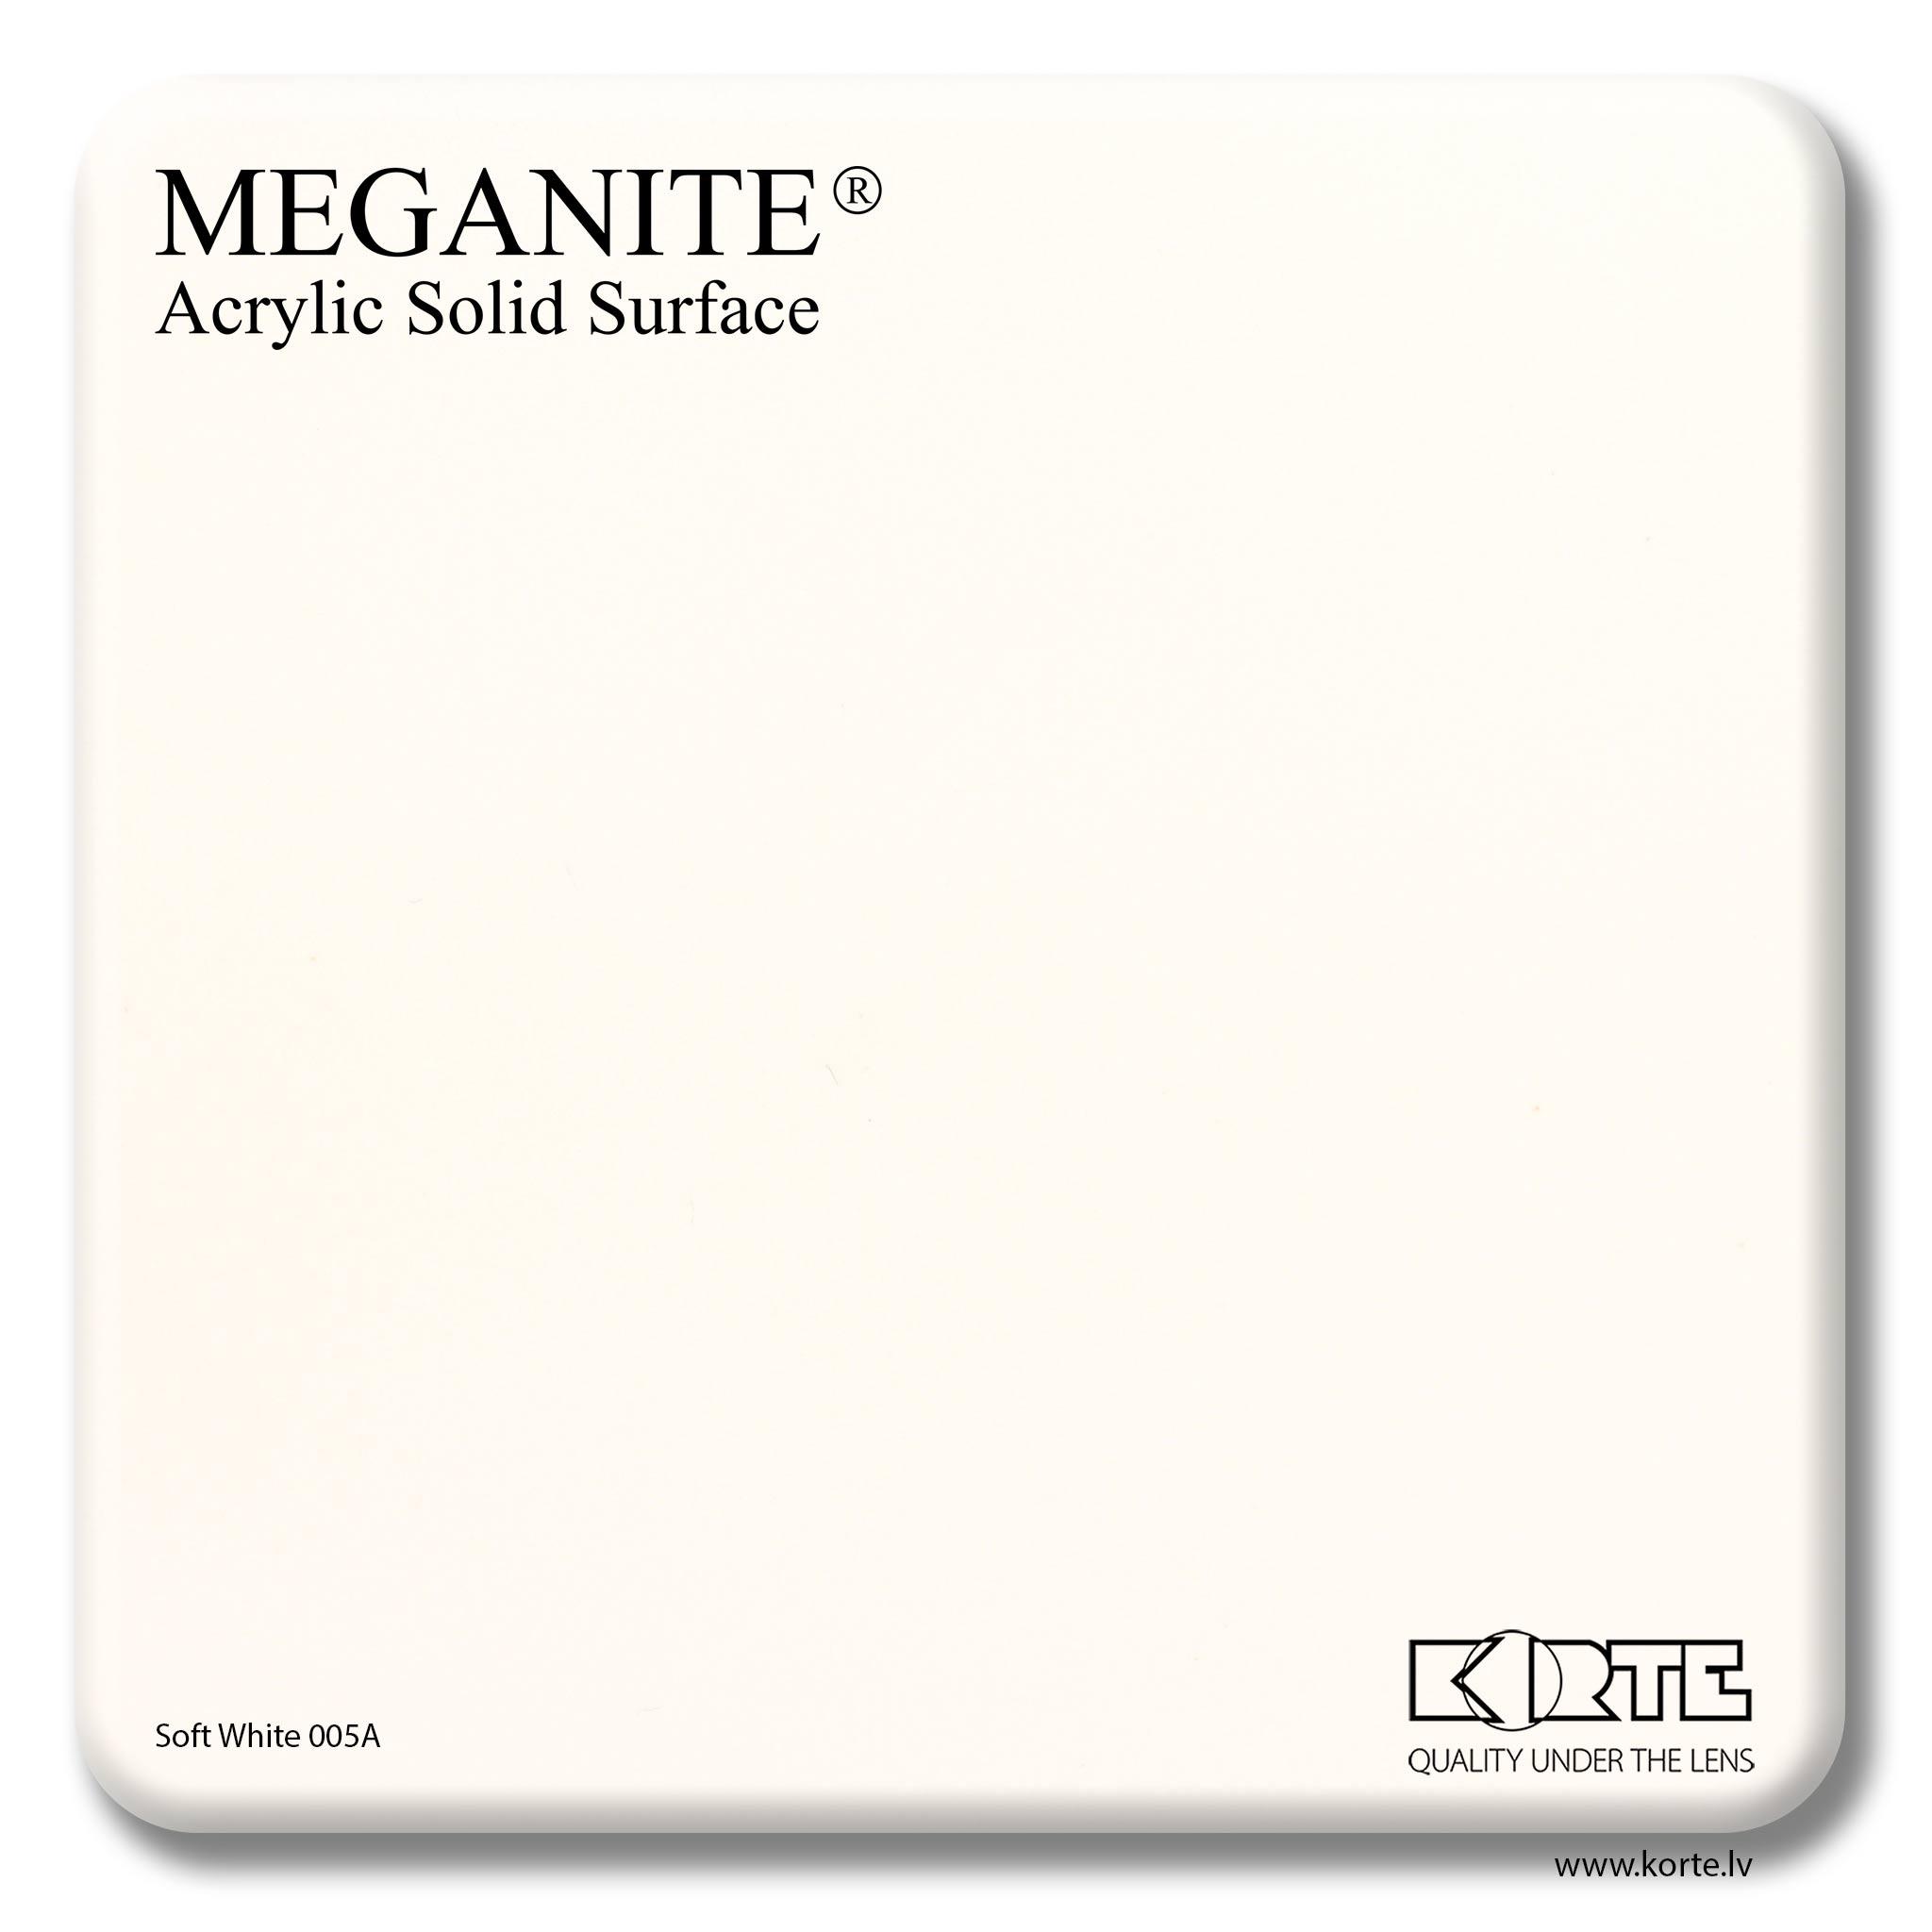 Meganite Soft White 005A